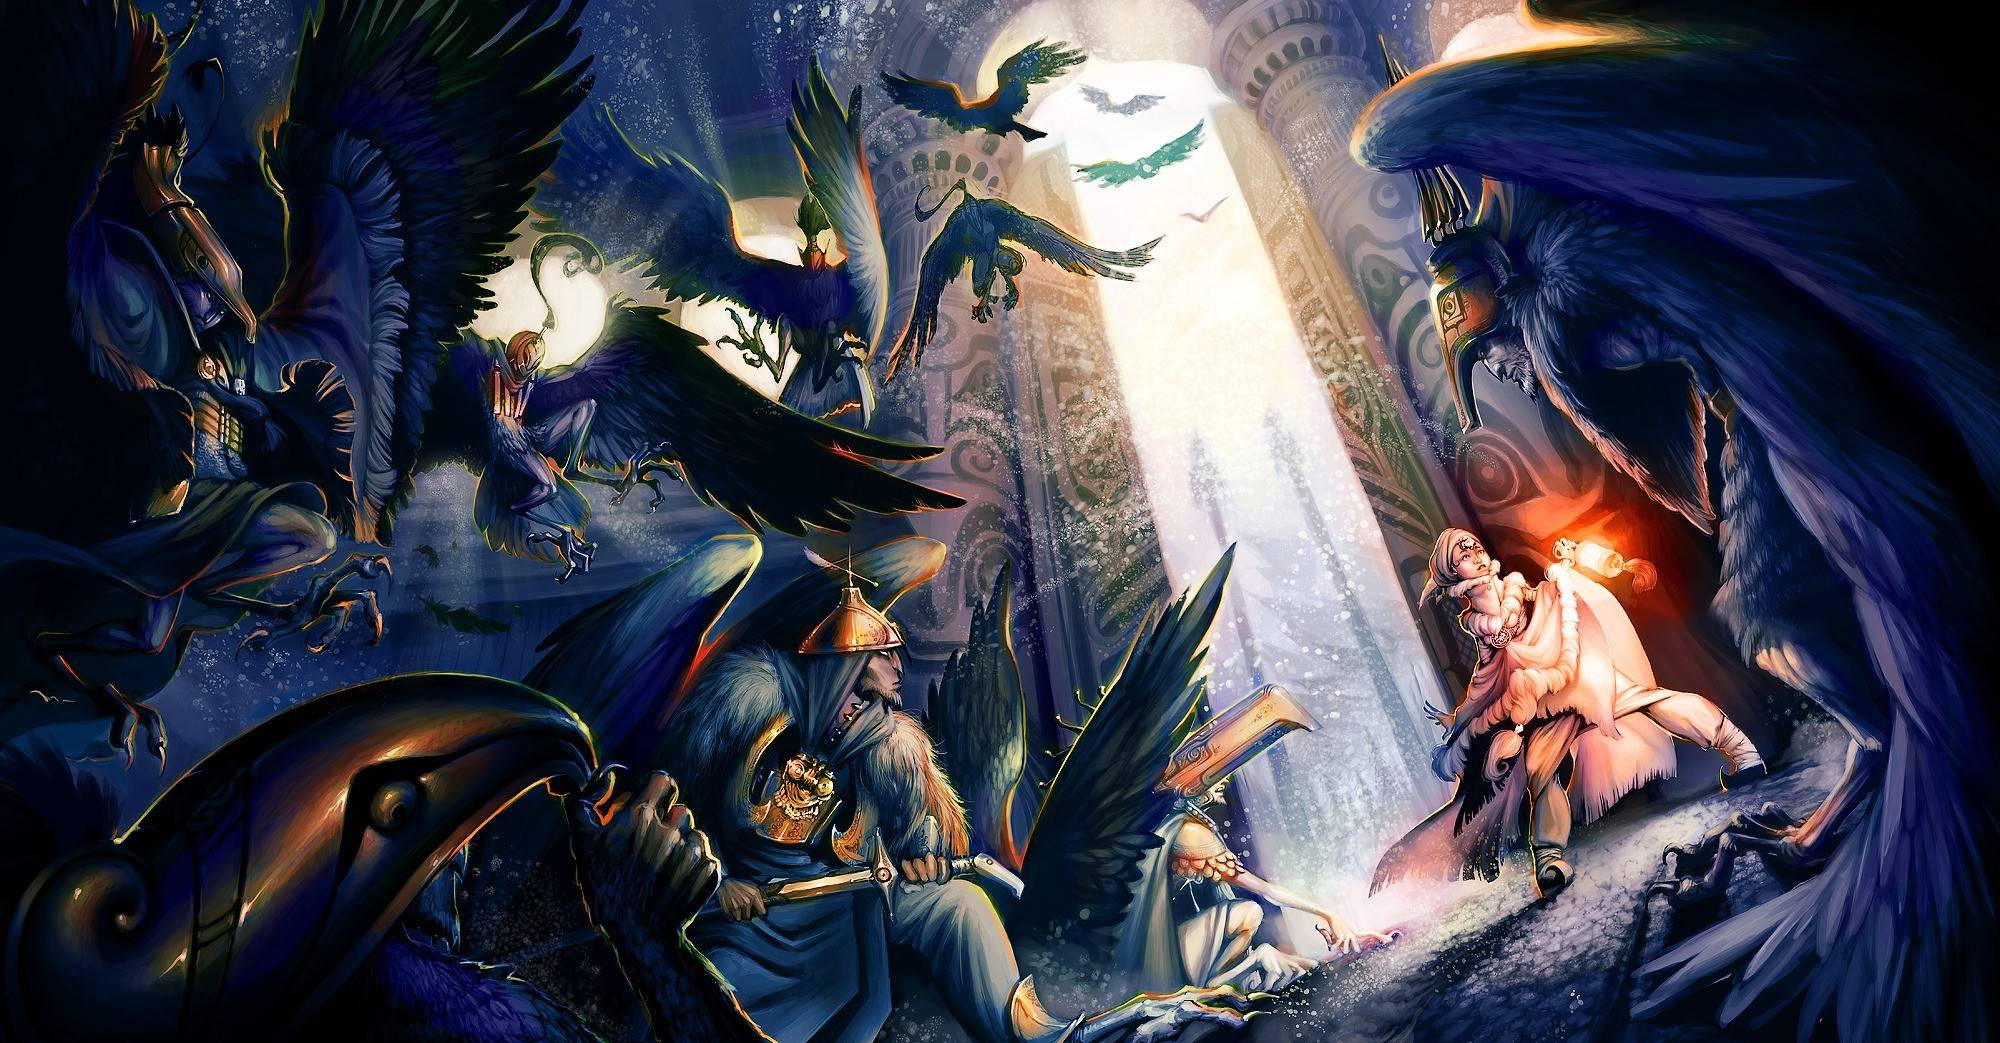 Deviantart Fantasy 20001043 Wallpaper 2360436 2000x1043